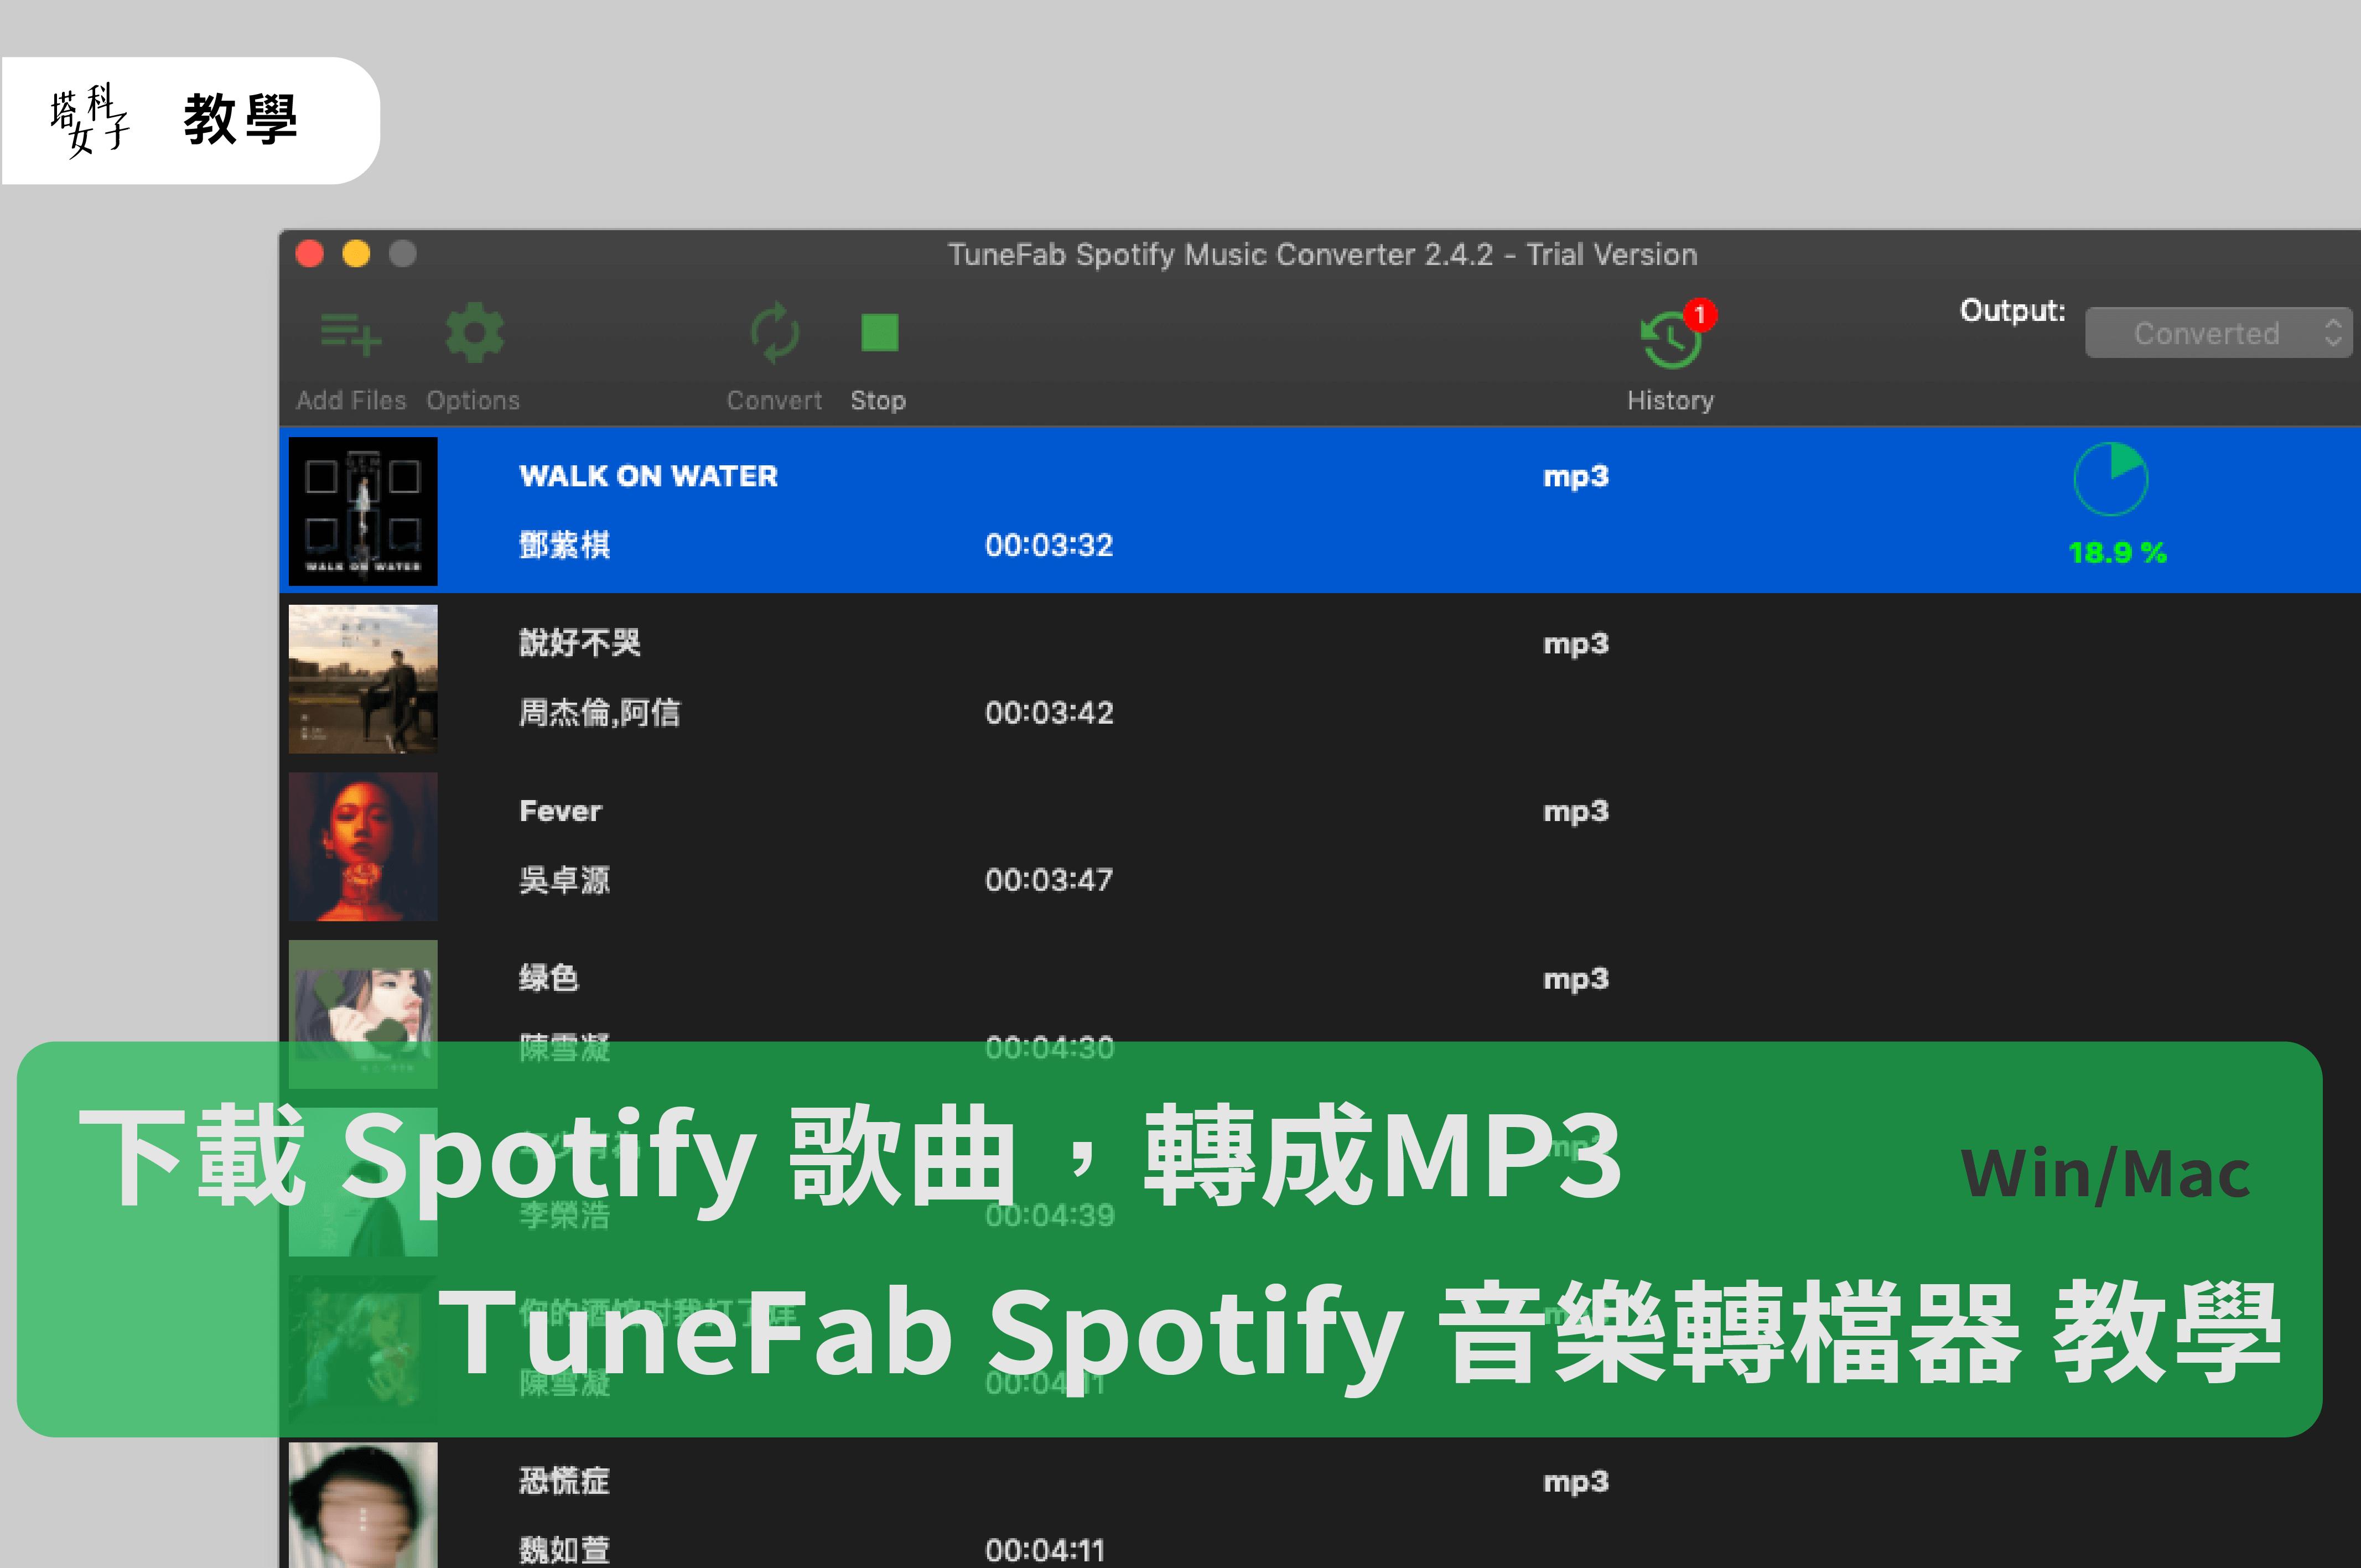 下載 Spotify 歌曲,TuneFab Spotify 音樂轉檔器